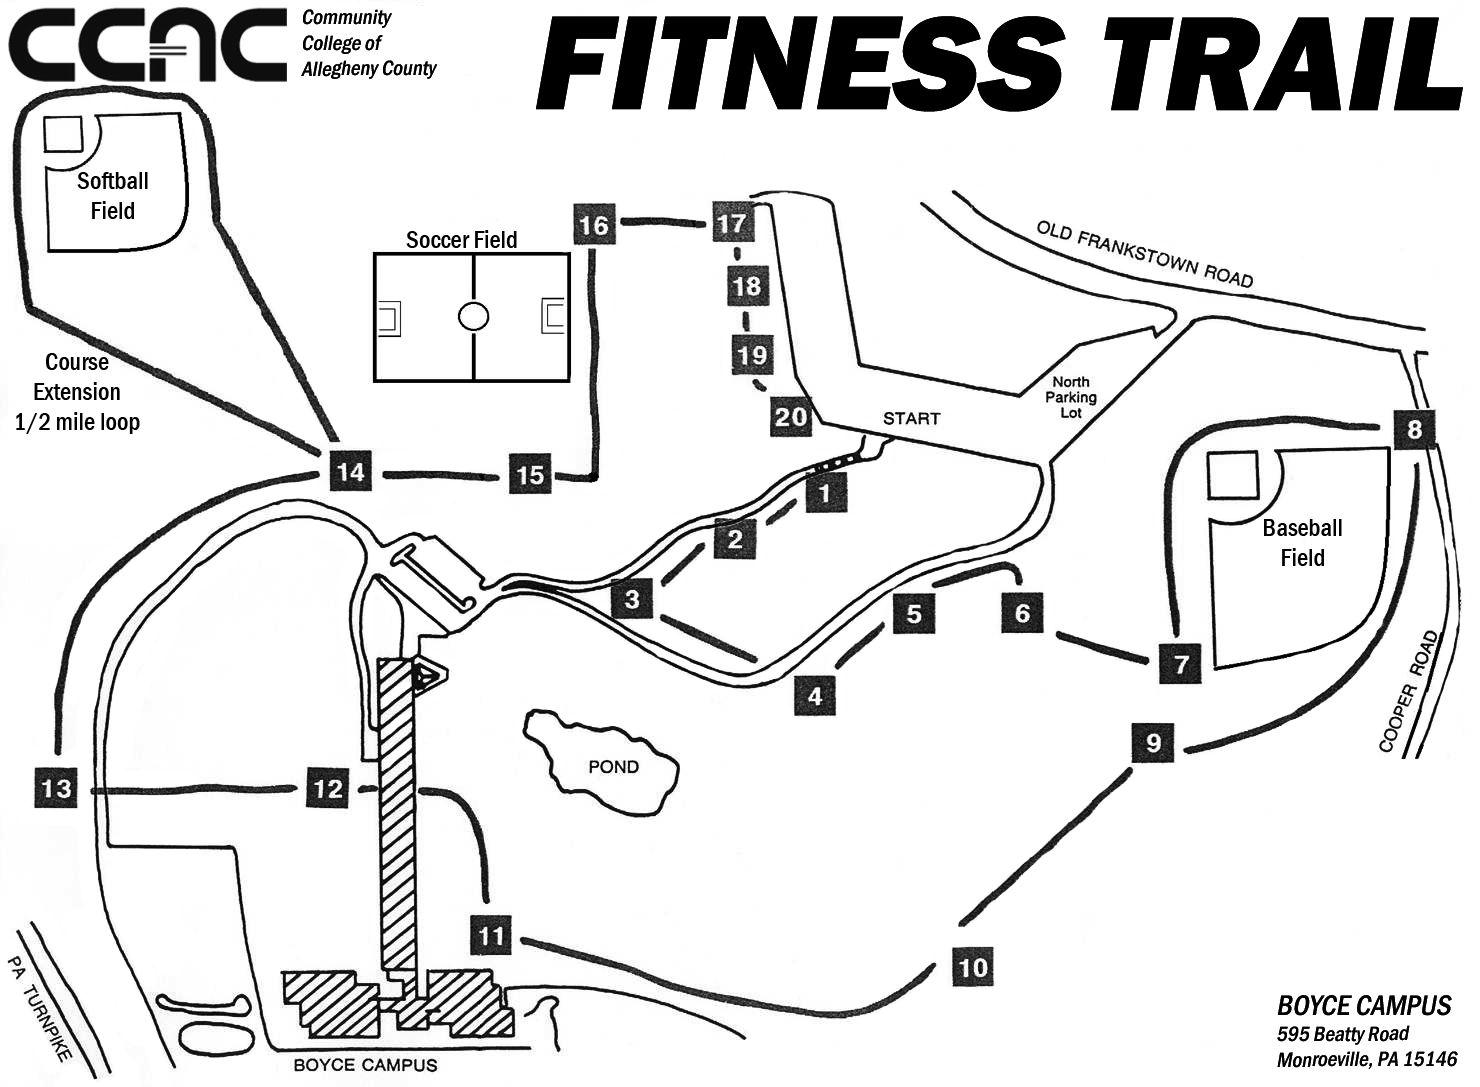 Boyce Campus South Wing 6th Floor Ccac Boyce Campus Maps